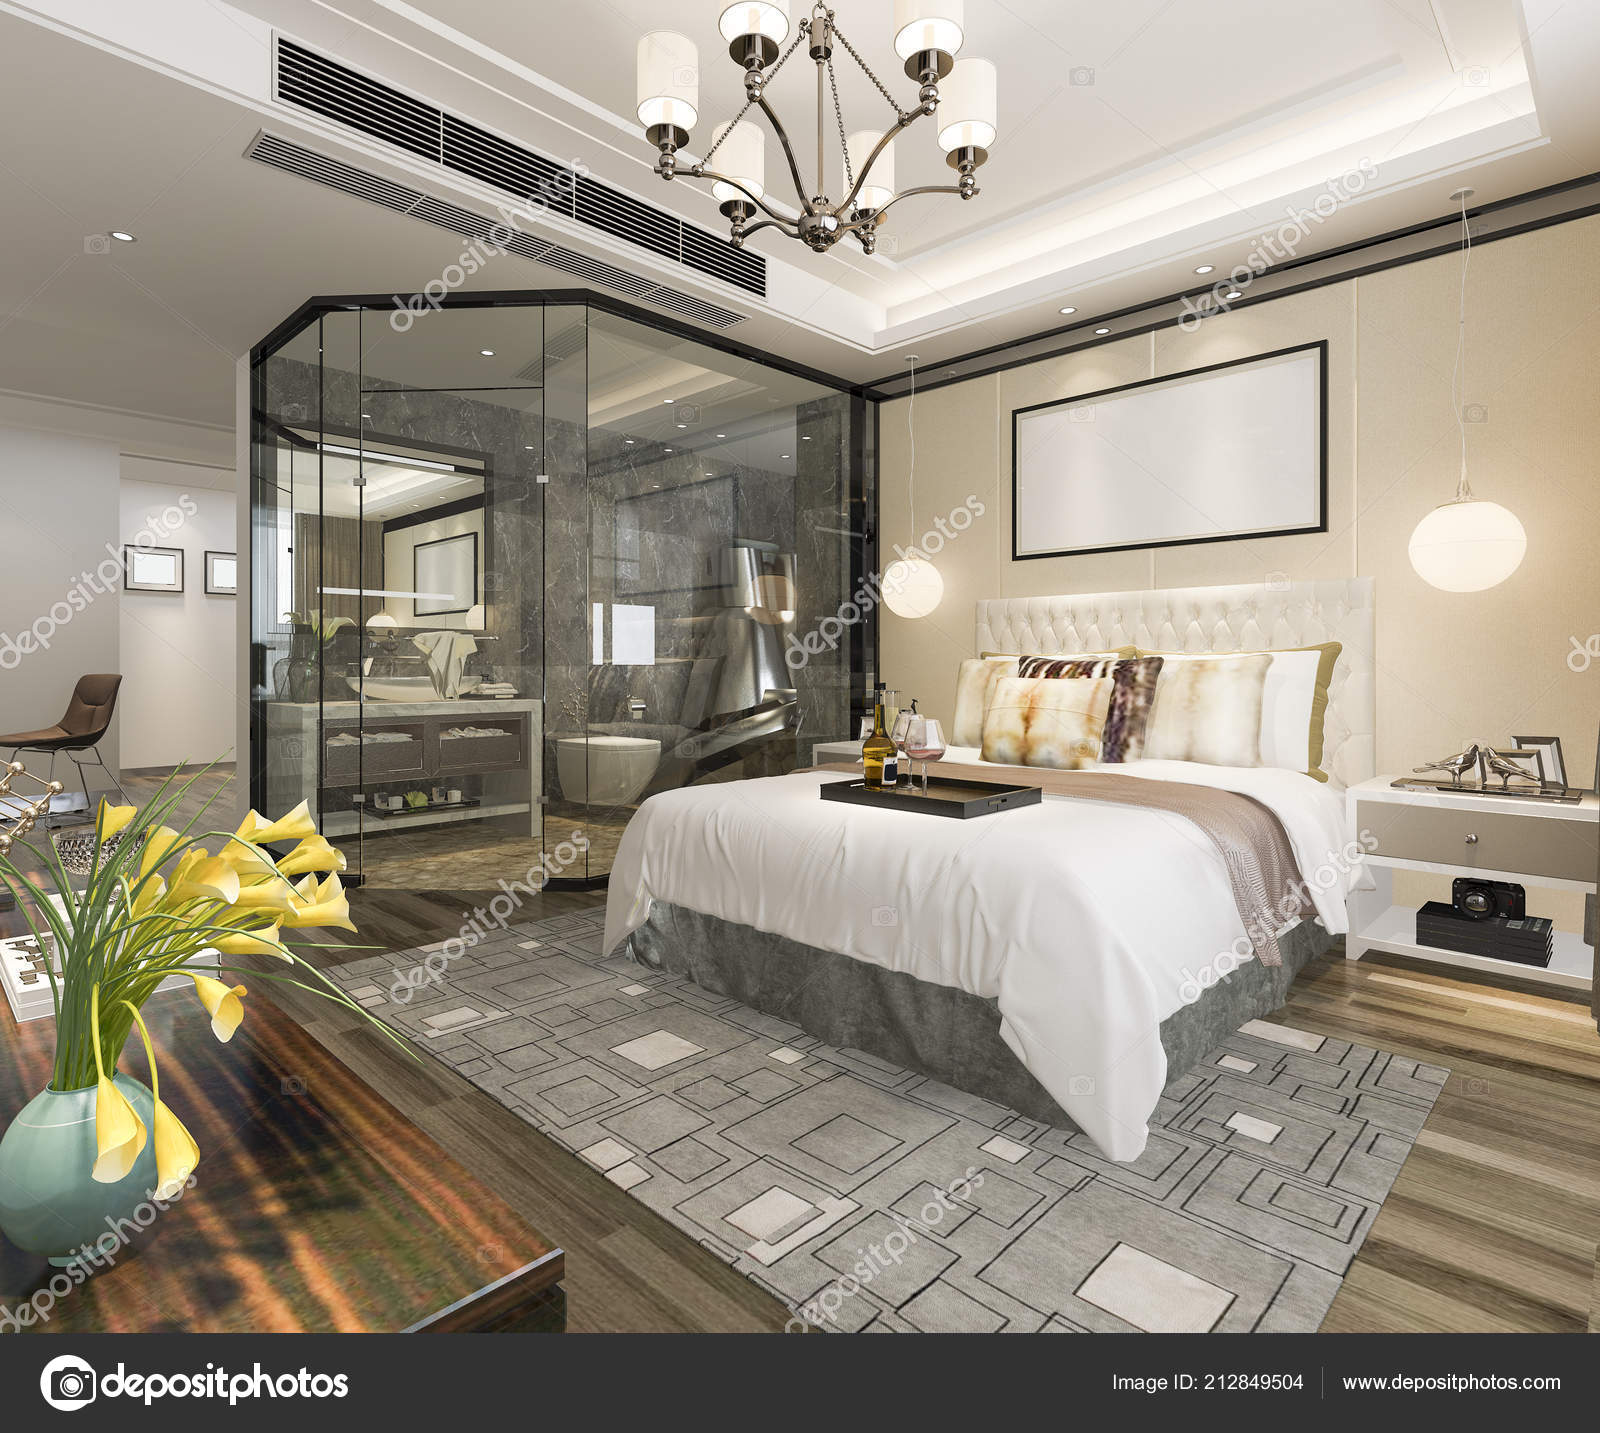 https://st4.depositphotos.com/11352286/21284/i/1600/depositphotos_212849504-stockafbeelding-rendering-moderne-luxe-suite-voor.jpg